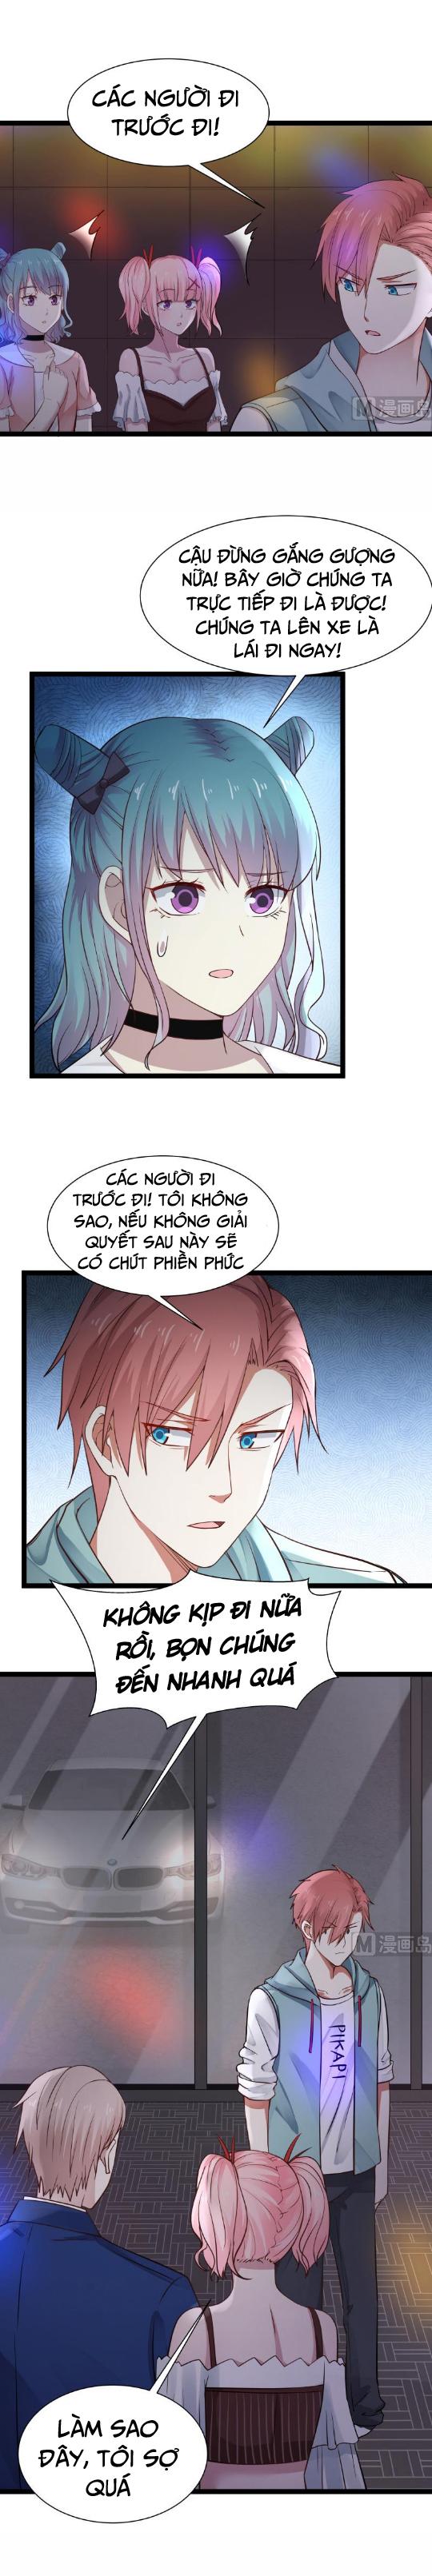 Trên Người Ta Có Một Con Rồng chap 17 - Trang 3